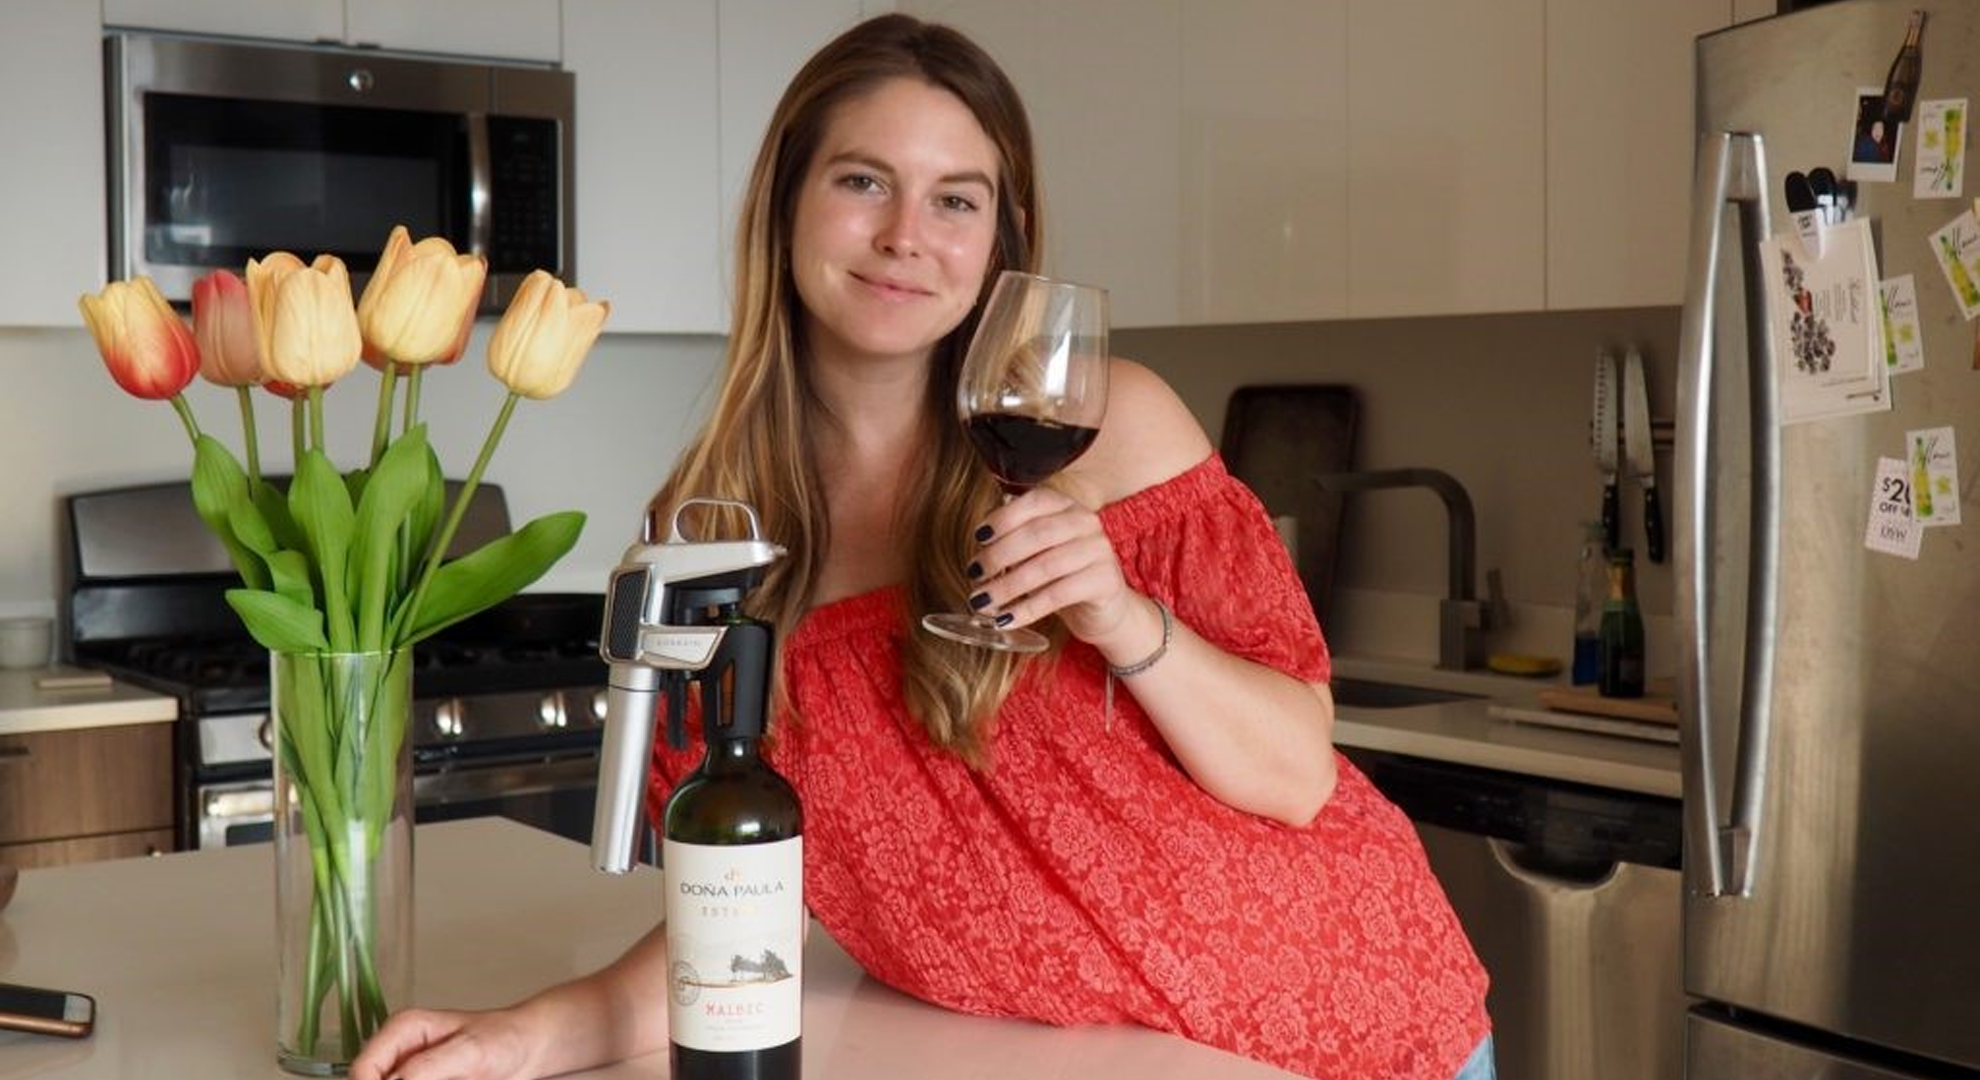 Chelsie Petras de Chel Loves Wine tenant un verre de vin et un système Coravin placé sur une bouteille de vin rouge.